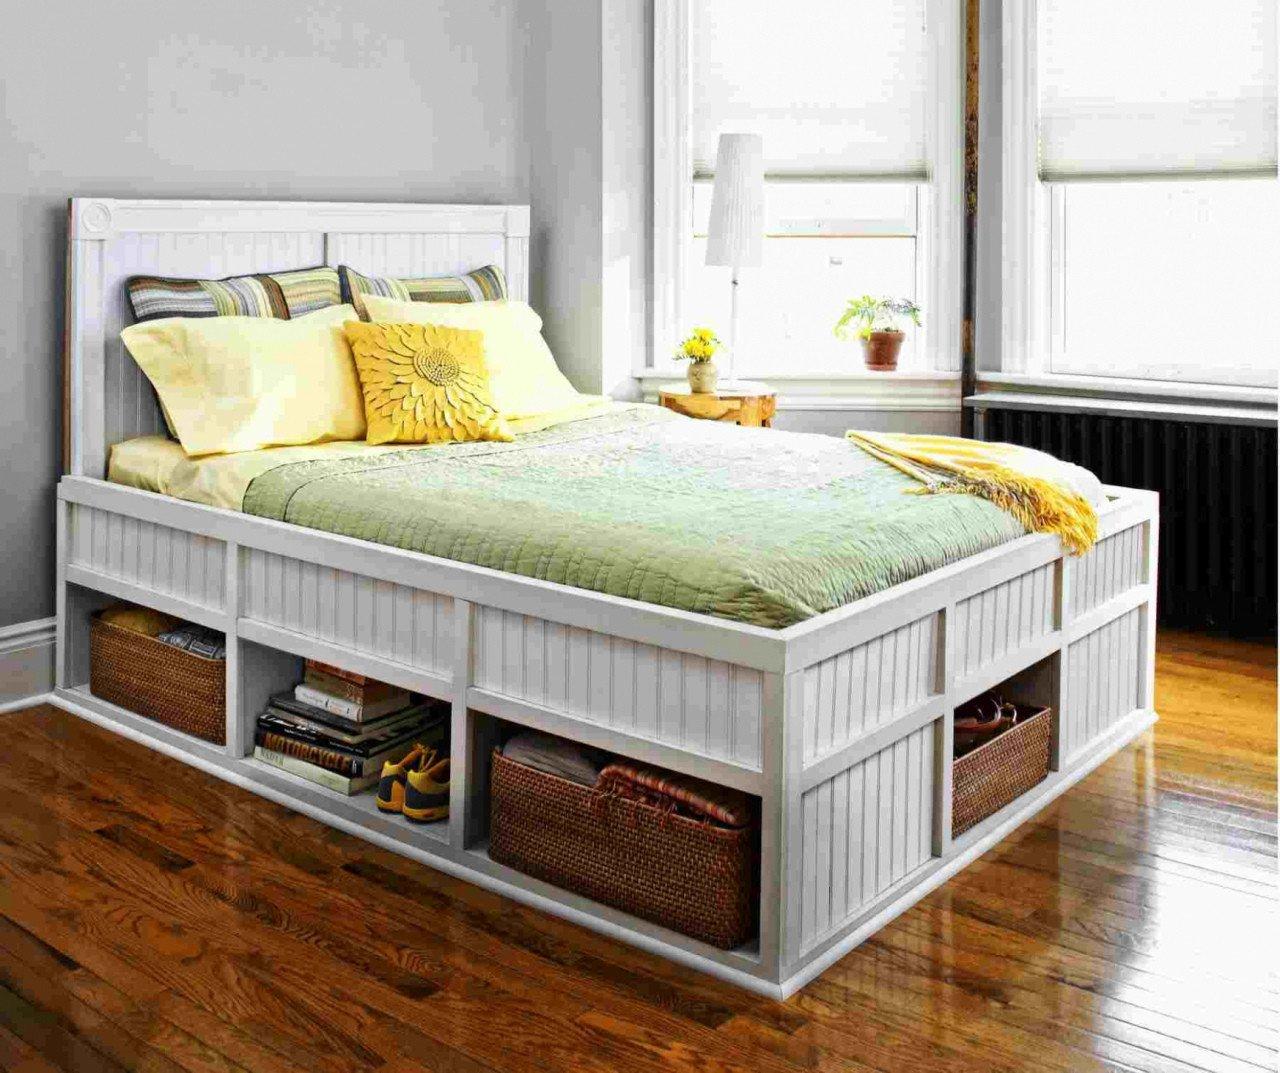 Queen Platform Bedroom Set Awesome Diy Platform Bed with Drawers — Procura Home Blog